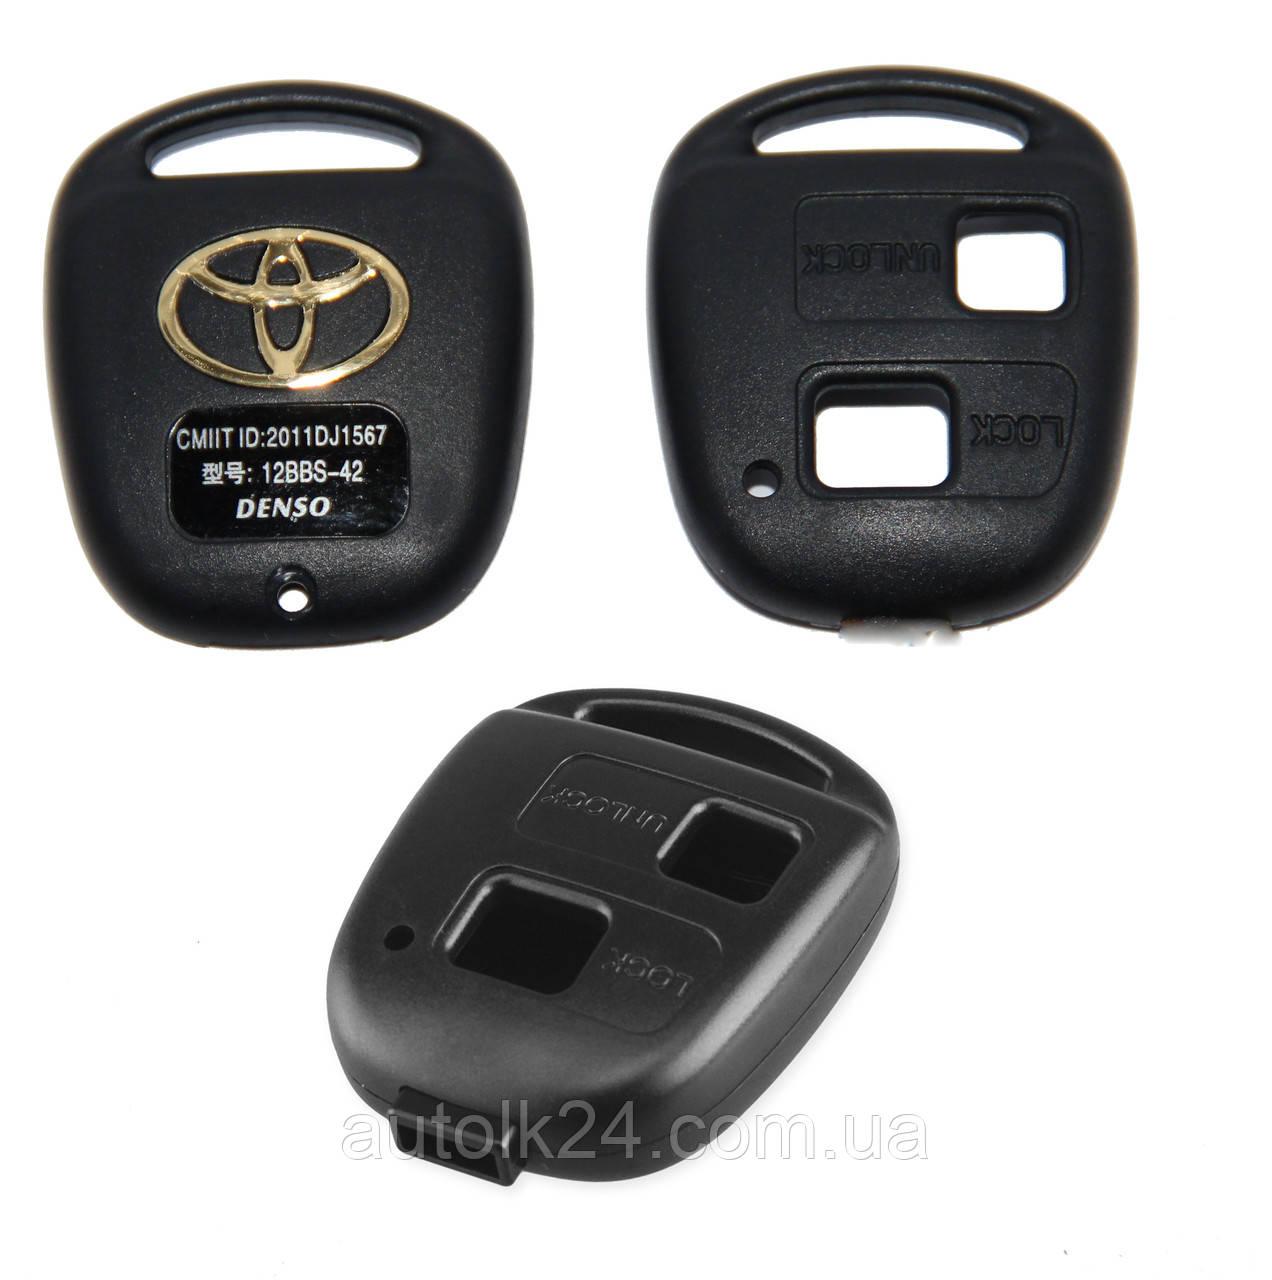 Корпус для ключа Toyota  2 кнопки